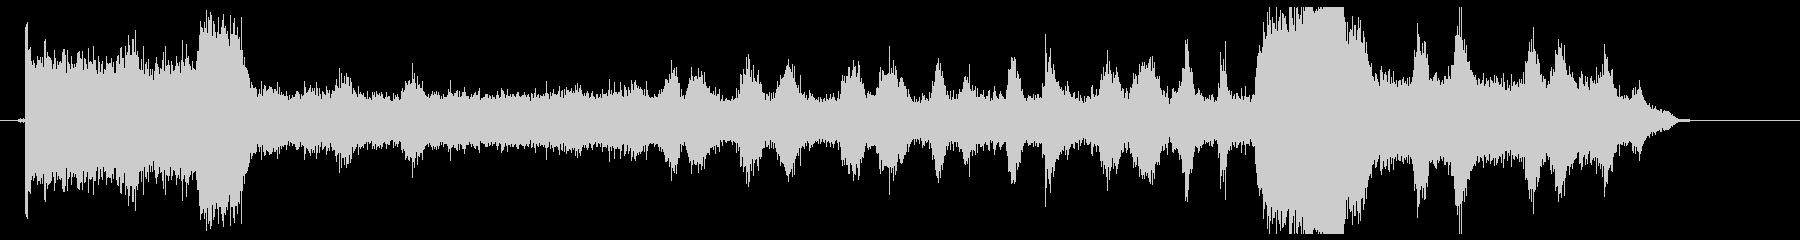 消火器スプレーロングcの未再生の波形